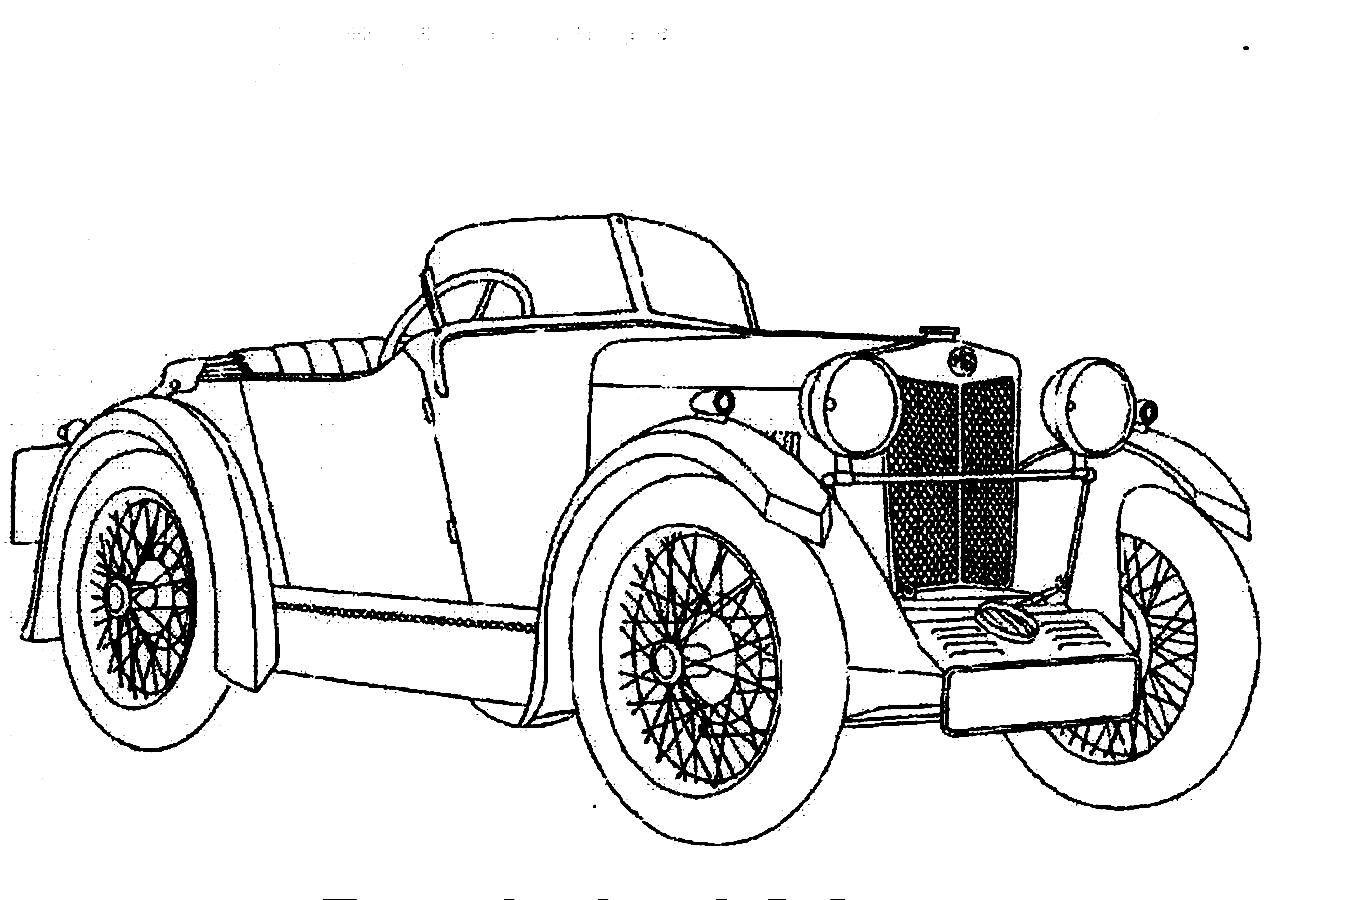 Antique cars coloring pages - Classic Car Always Having Unique Front Part Design Coloring Page